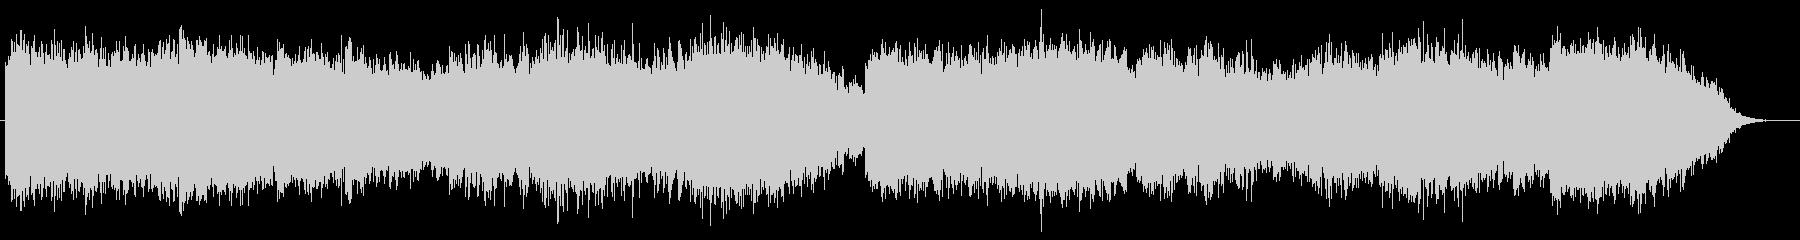 ベルの音が印象的なホラーBGMの未再生の波形